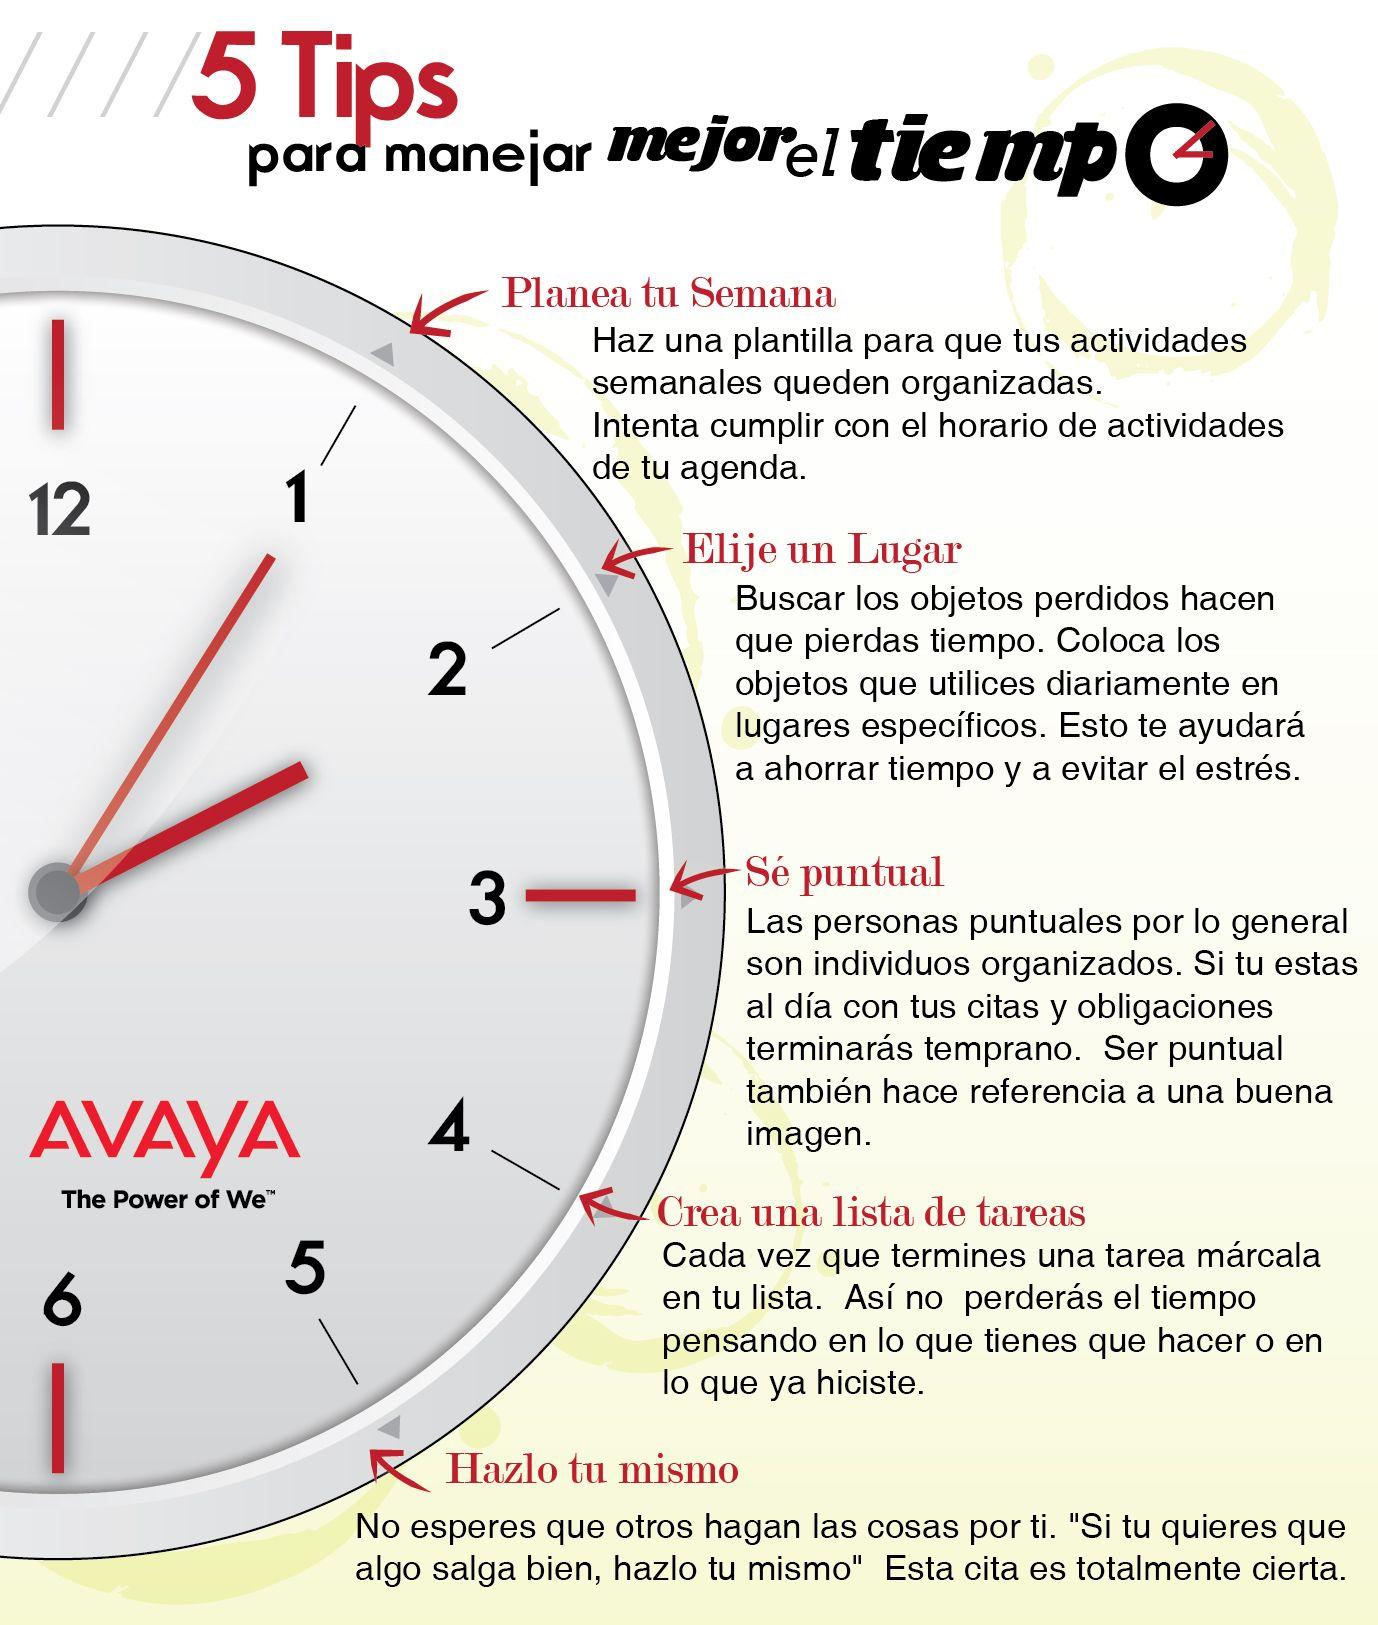 5 tips para manejar mejor el tiempo. #avaya | work | Pinterest | El ...